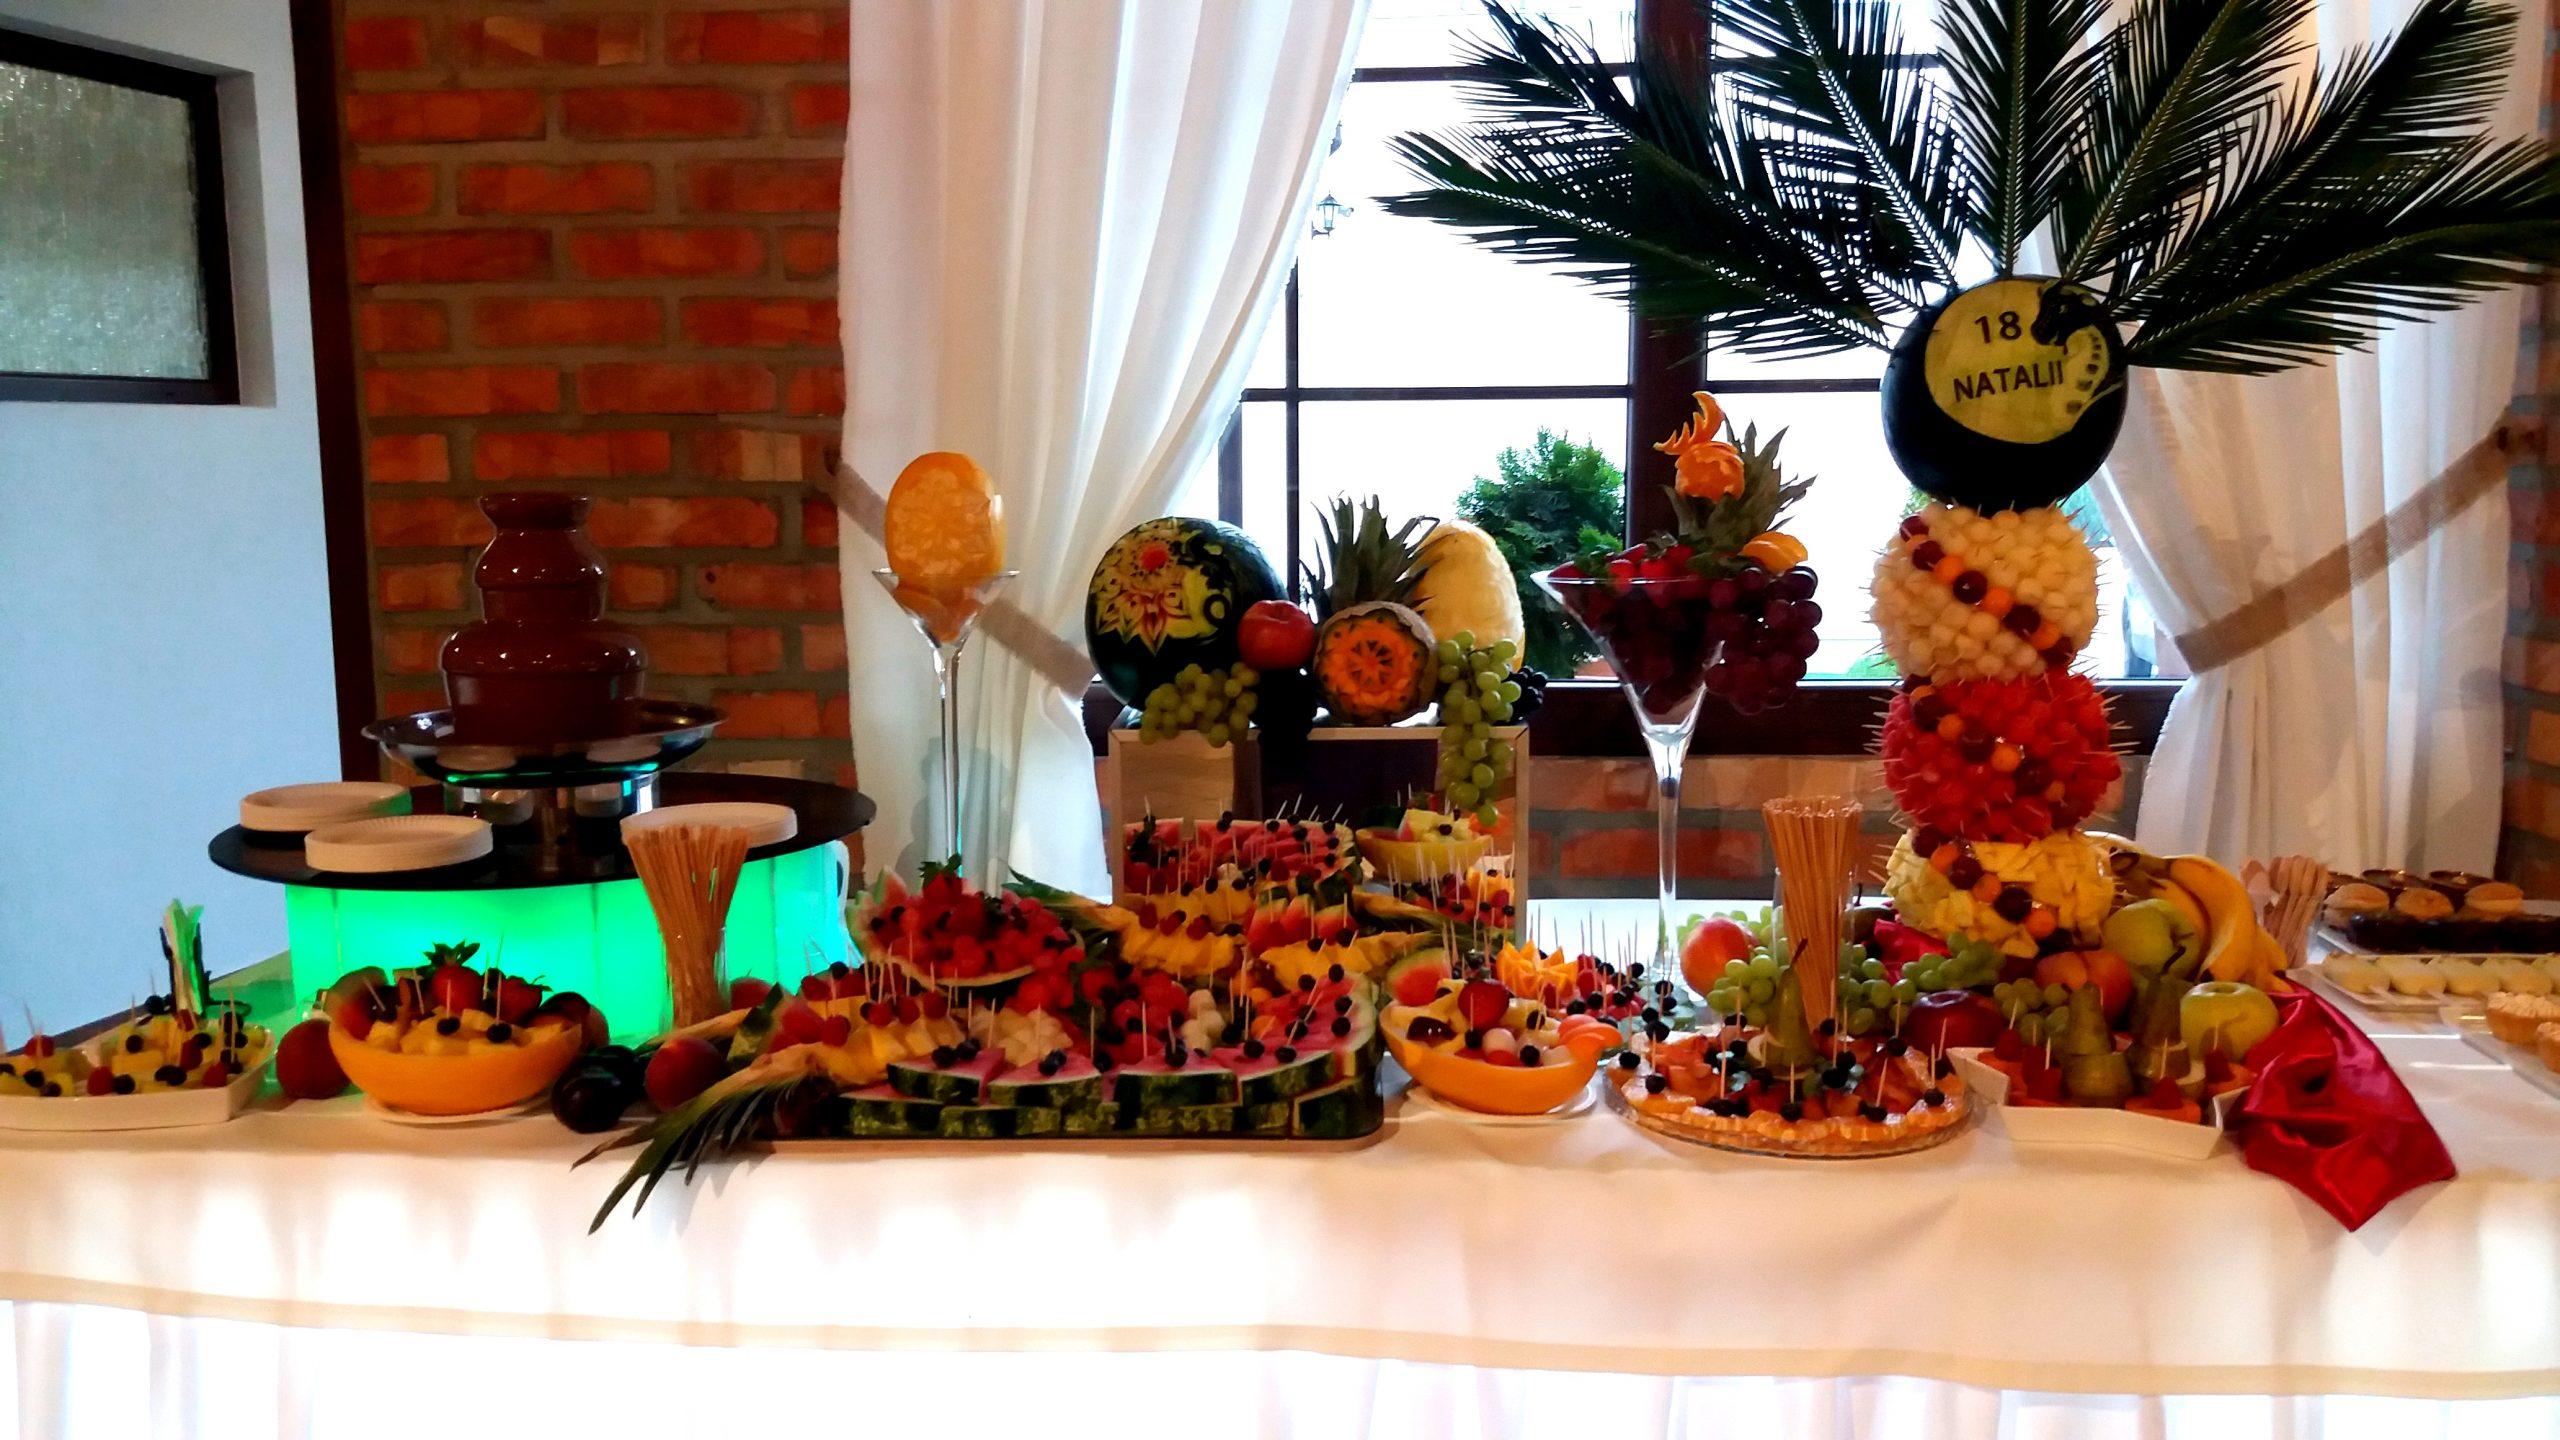 stół owocowy, fruit carving, dekoracje owocowe, fruit bar, palma owocowa, fontanna czekoladowa na 18stkę, atrakcje na 18stkę Turek, Konin, Koło, Włocławek, Łódź